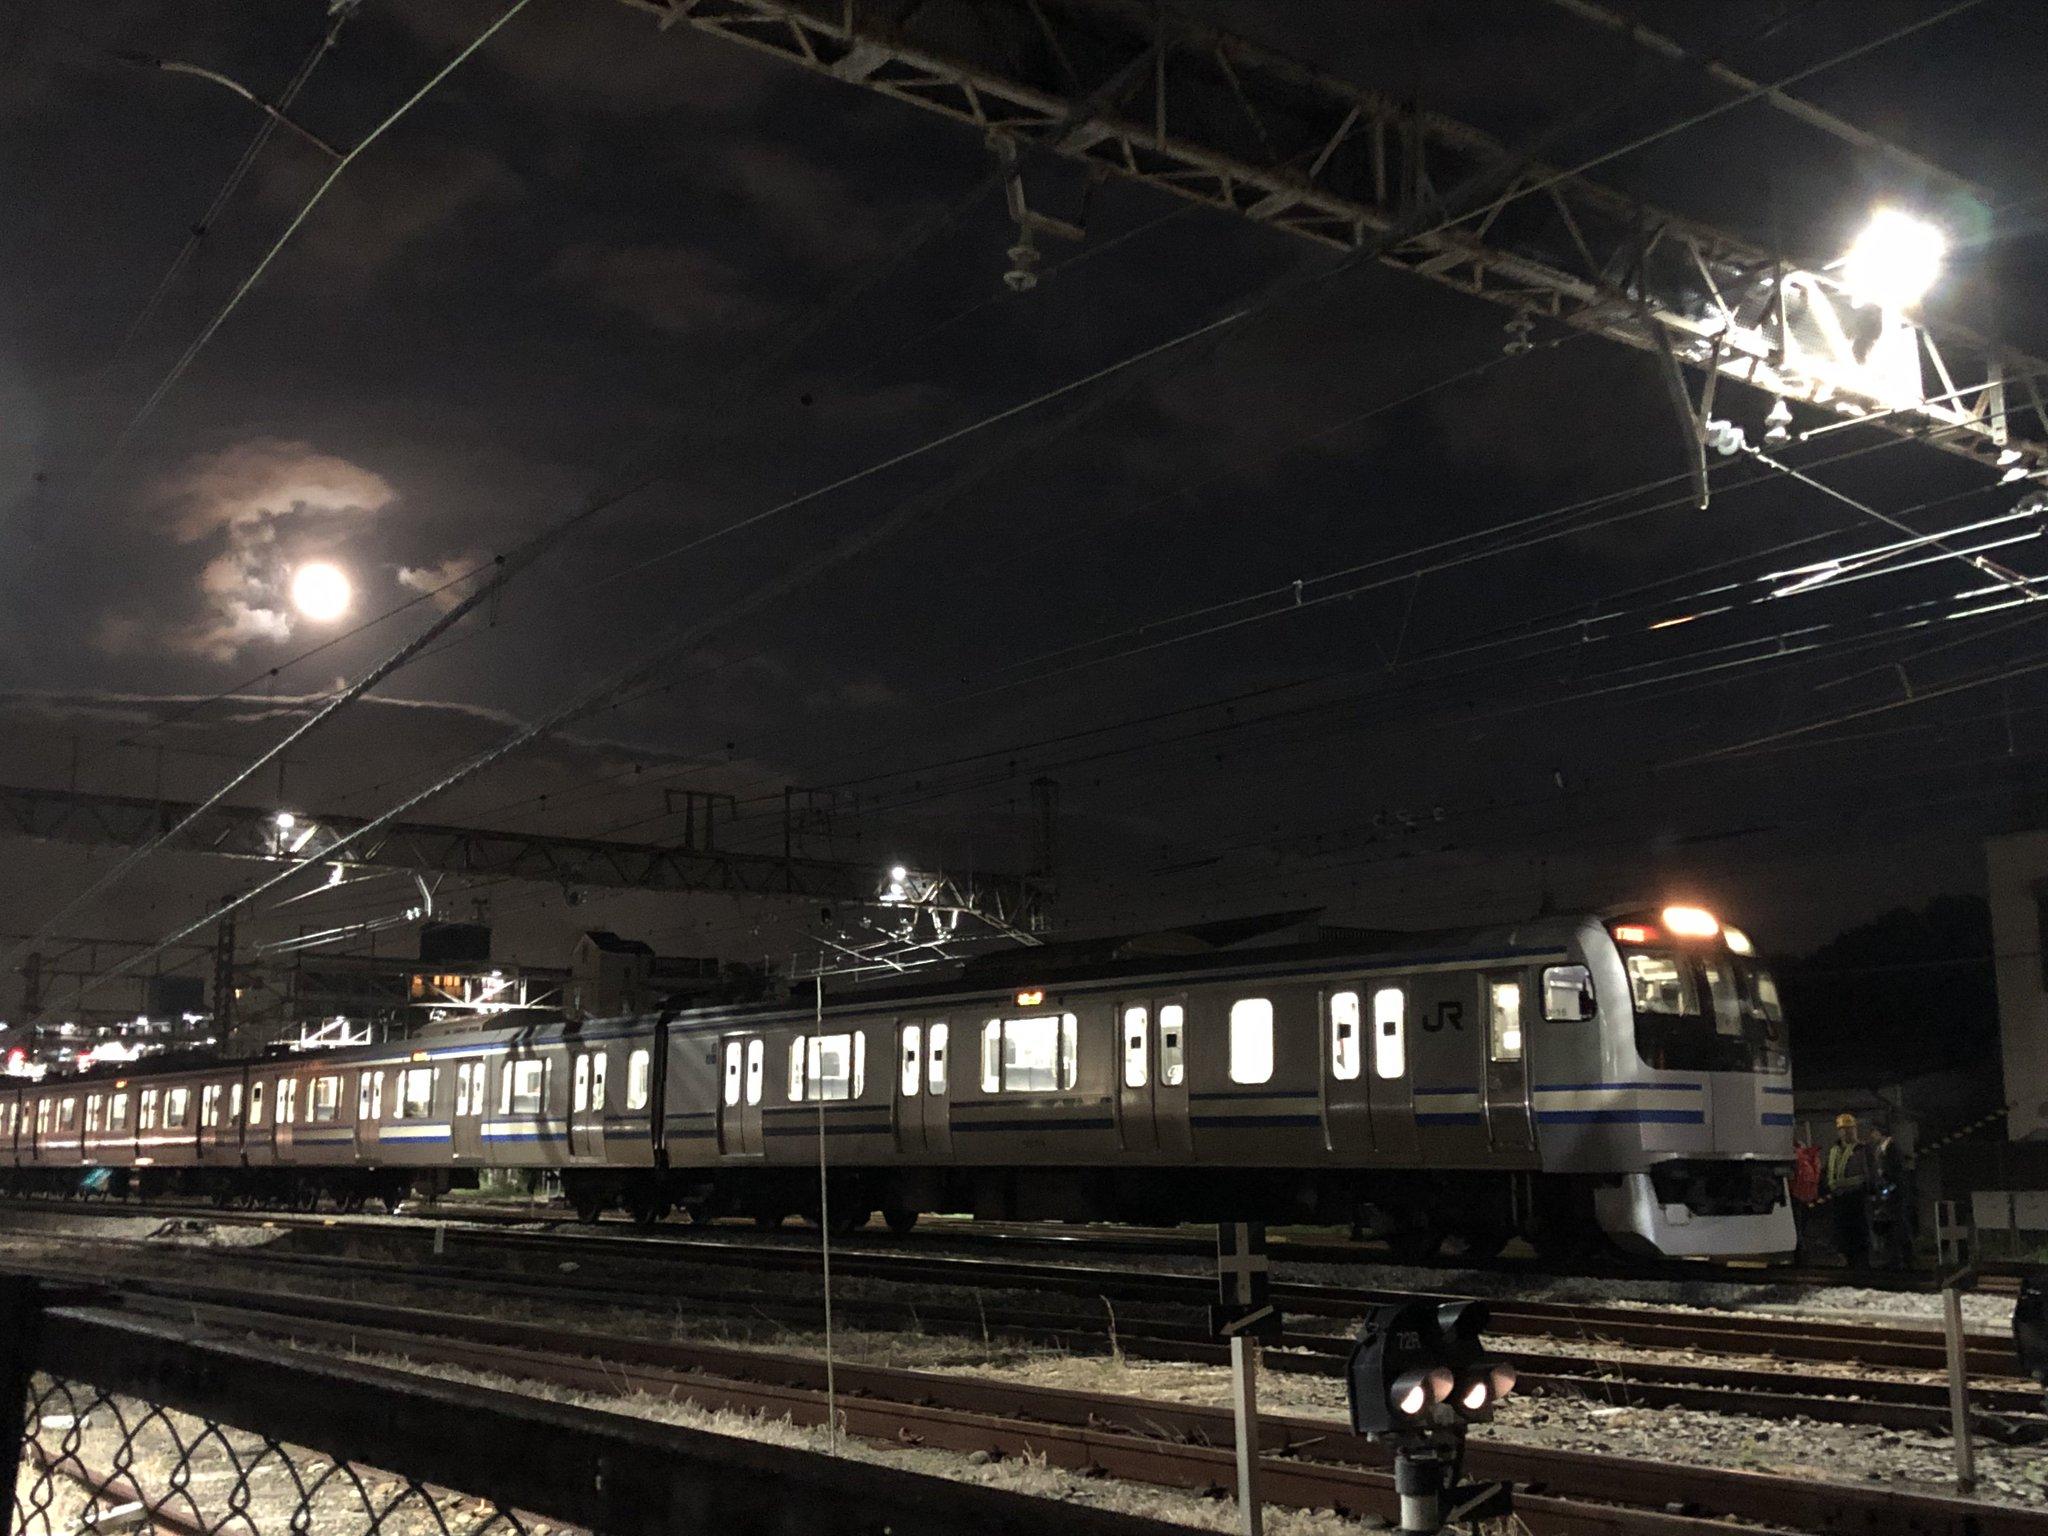 画像,横須賀線人身事故当該 Y-16山の根踏み切り https://t.co/IuvLfCqRIu。